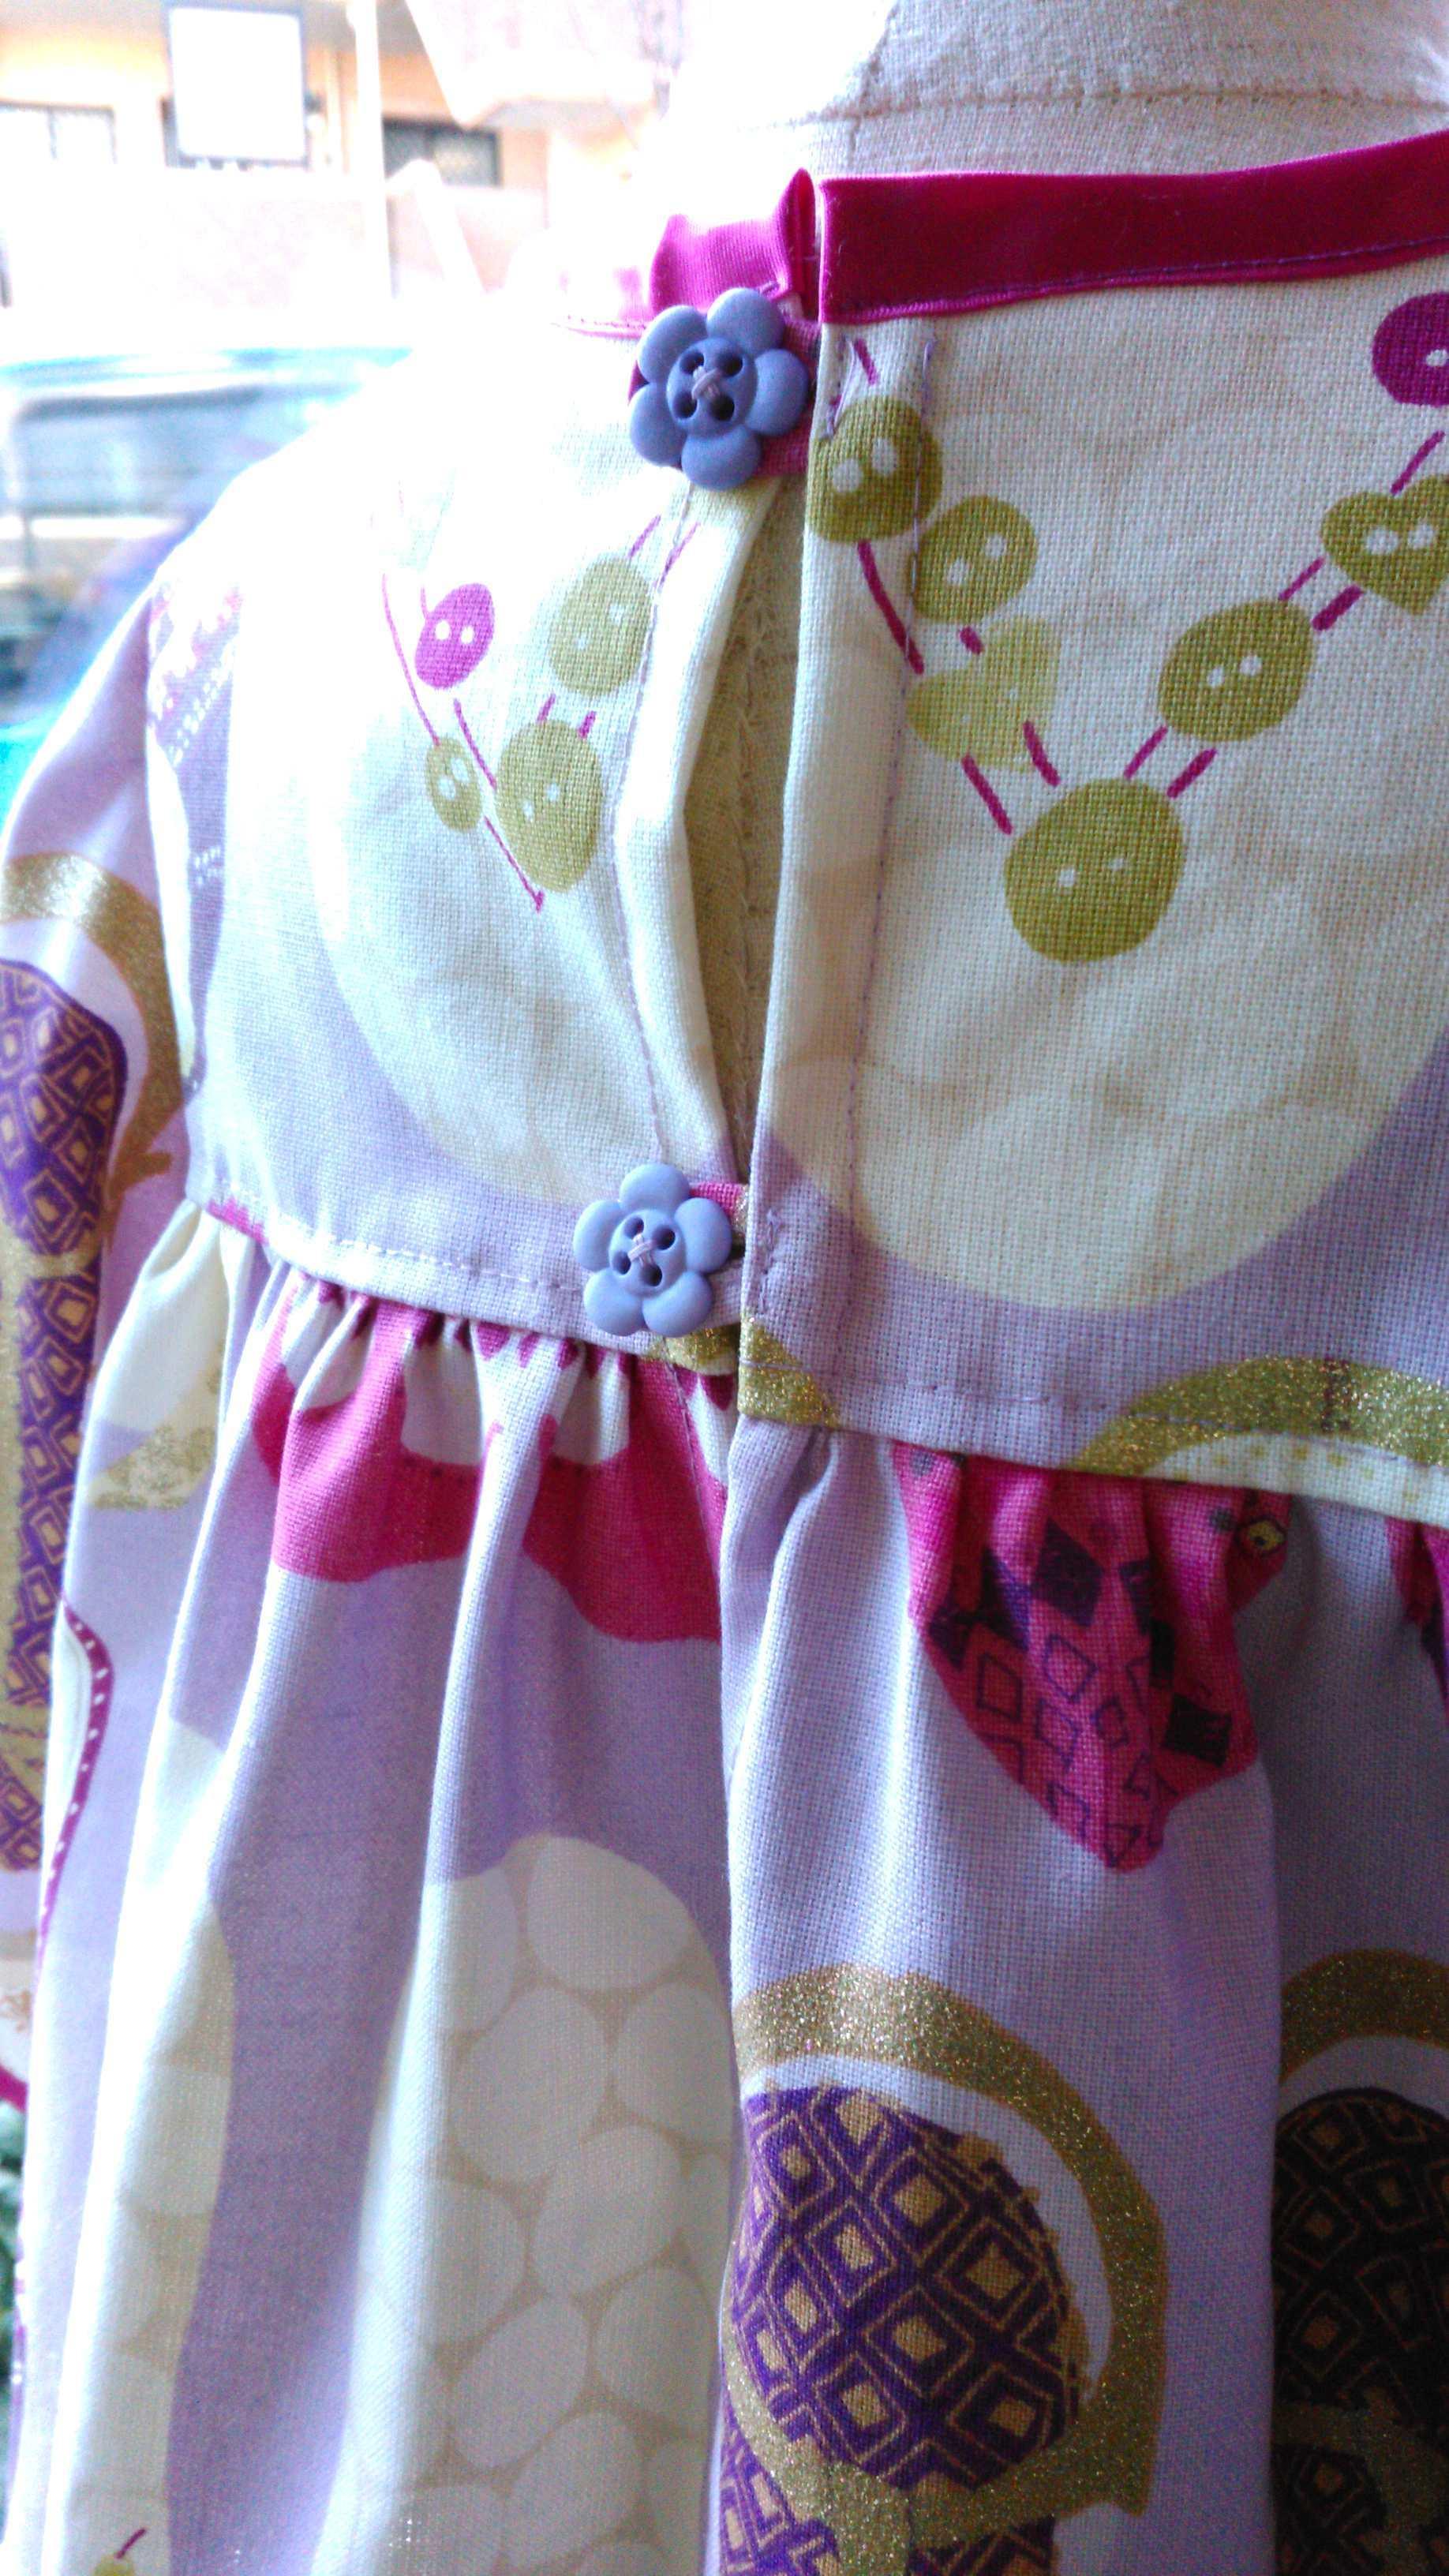 カーテン生地で作る子供服 イギリス『ハーレクイン』_c0157866_12275952.jpg